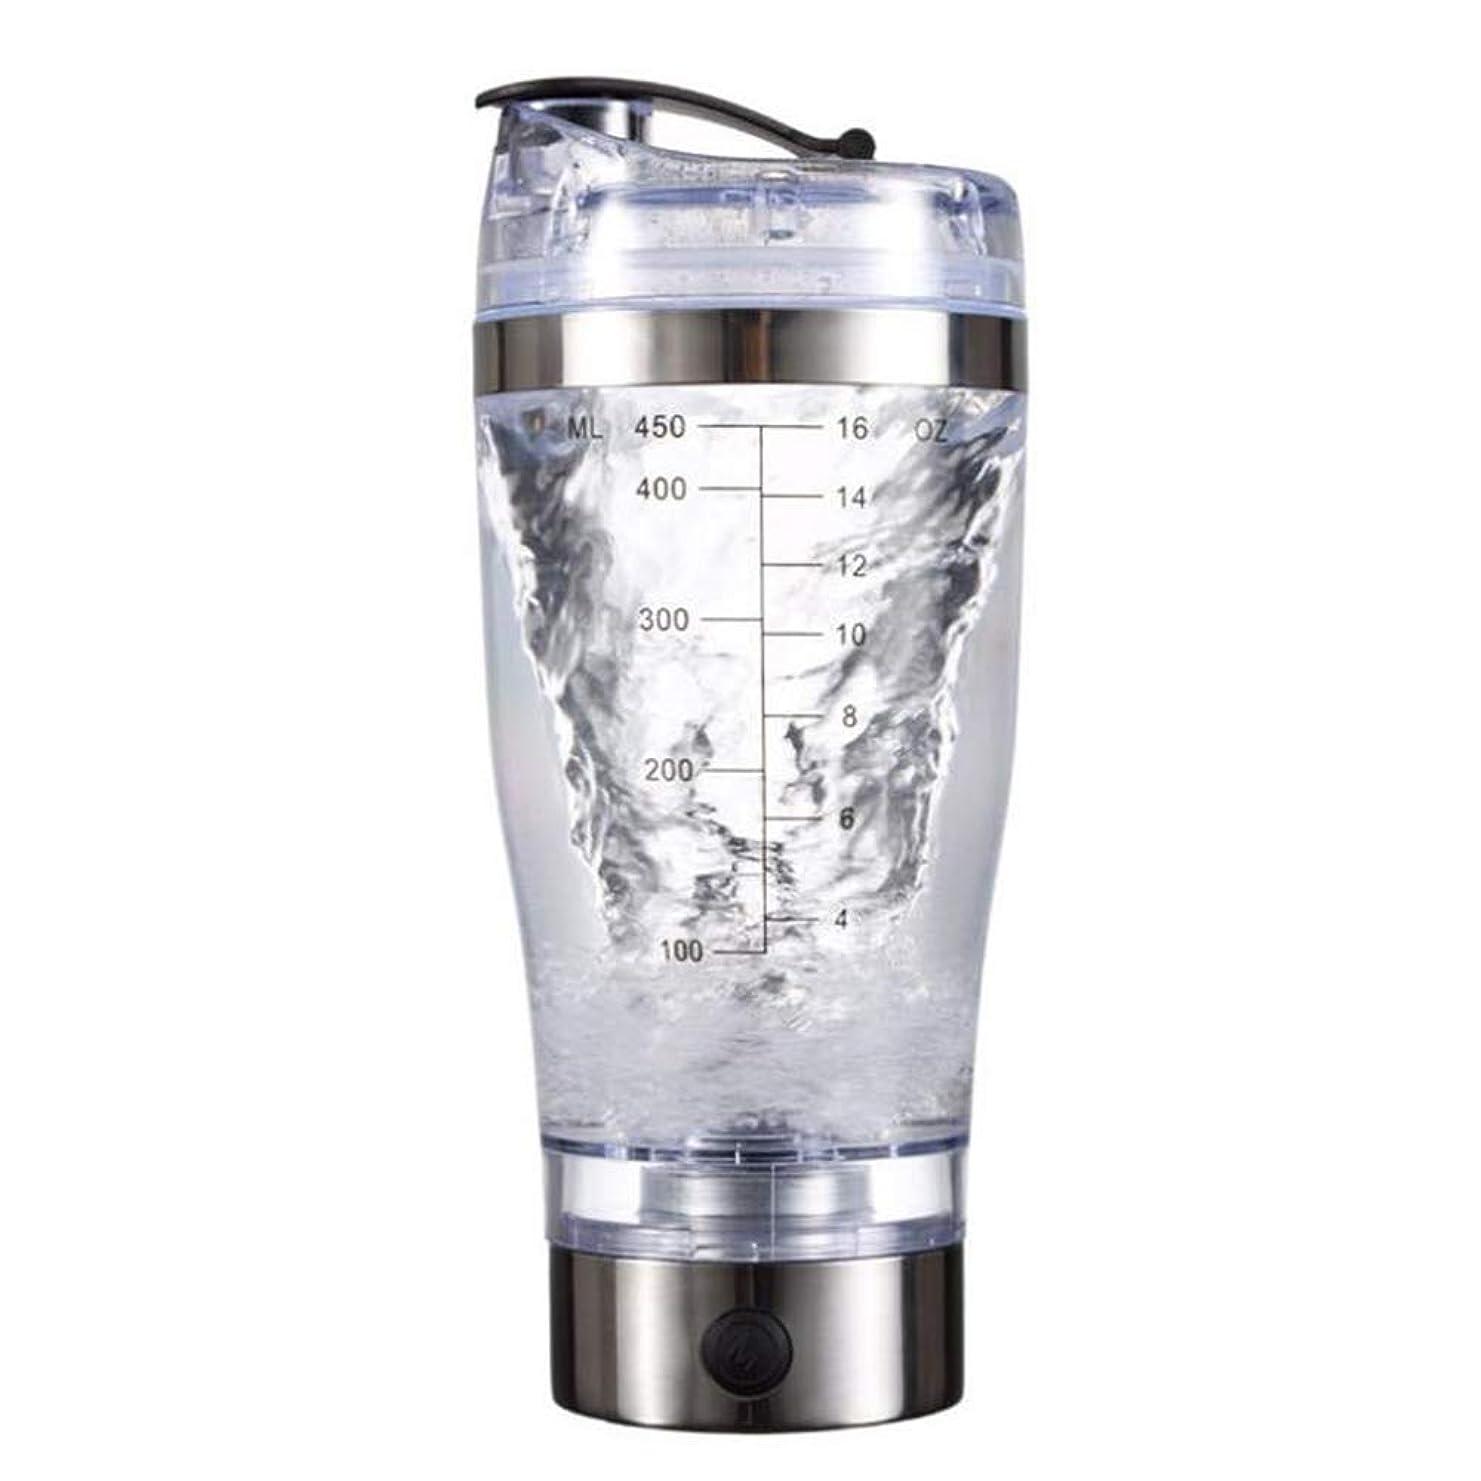 メリー前提わざわざAlioay 電動シェーカー プロテインシェーカー プロテインミキサー シェーカーボトル ミキサー 電池式 450ml 多機能 コーヒーミキサー 自動 電池式 栄養補給 健康素材 漏れ防止